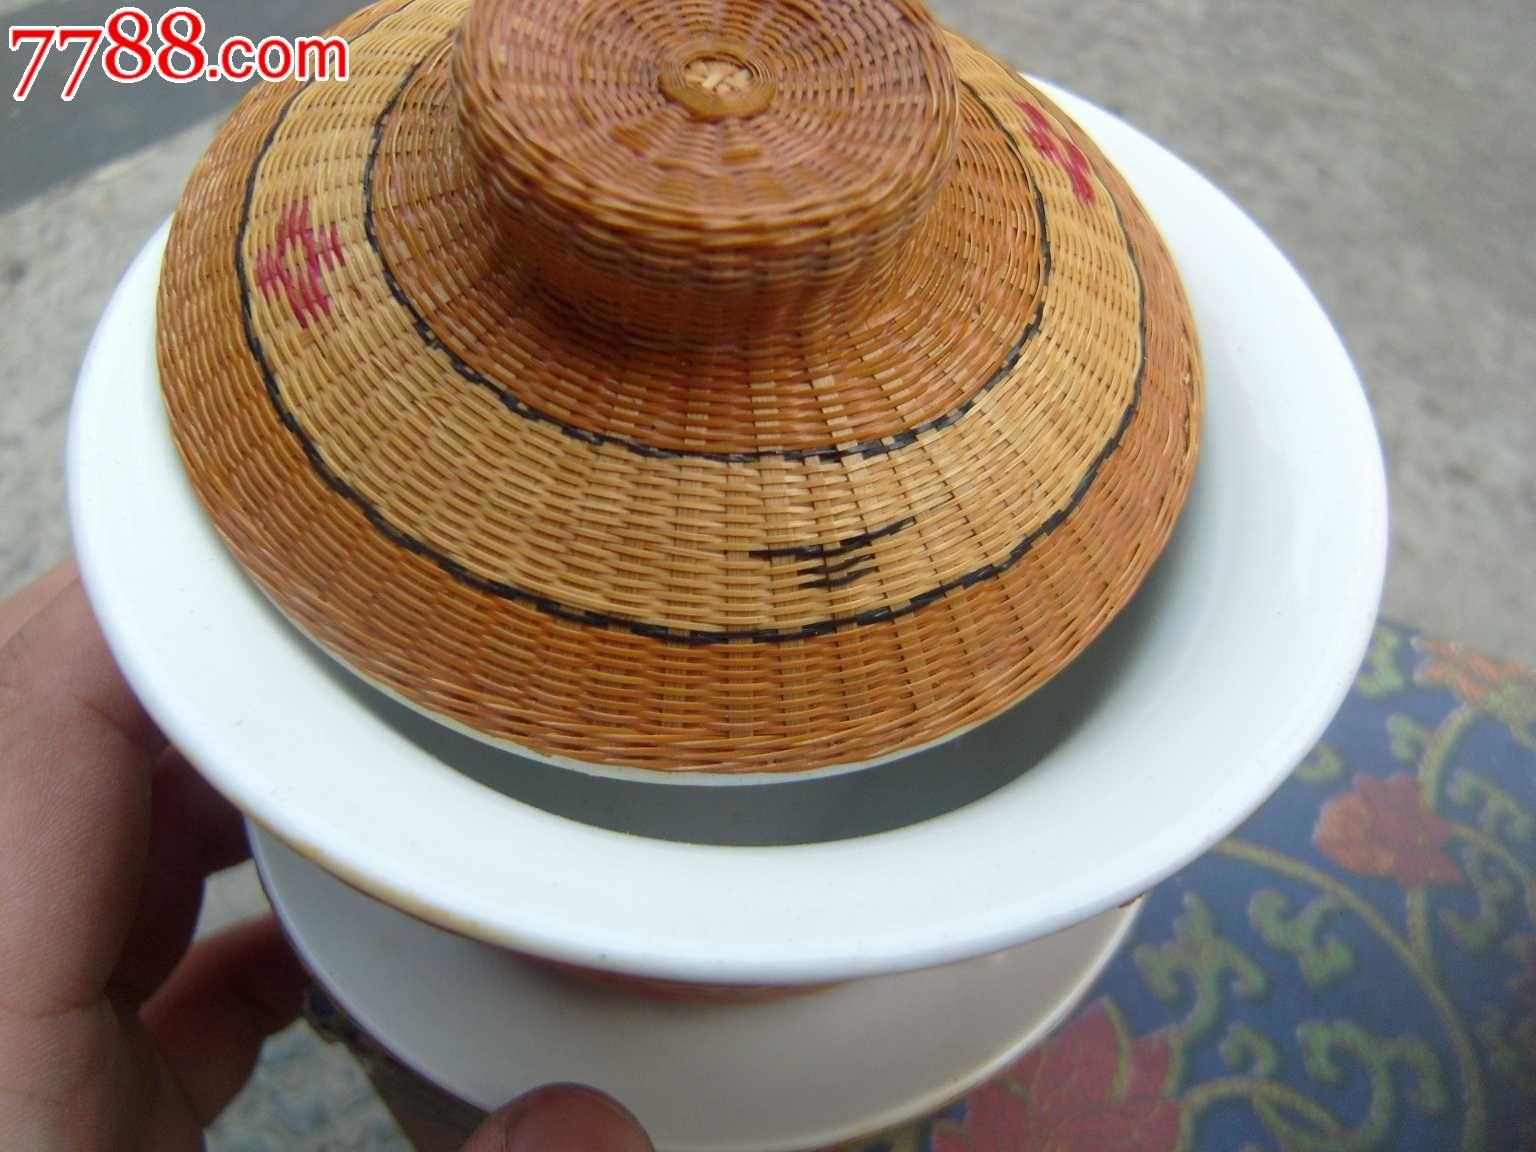 重庆特产瓷胎竹编——盖碗茶杯(三才杯)